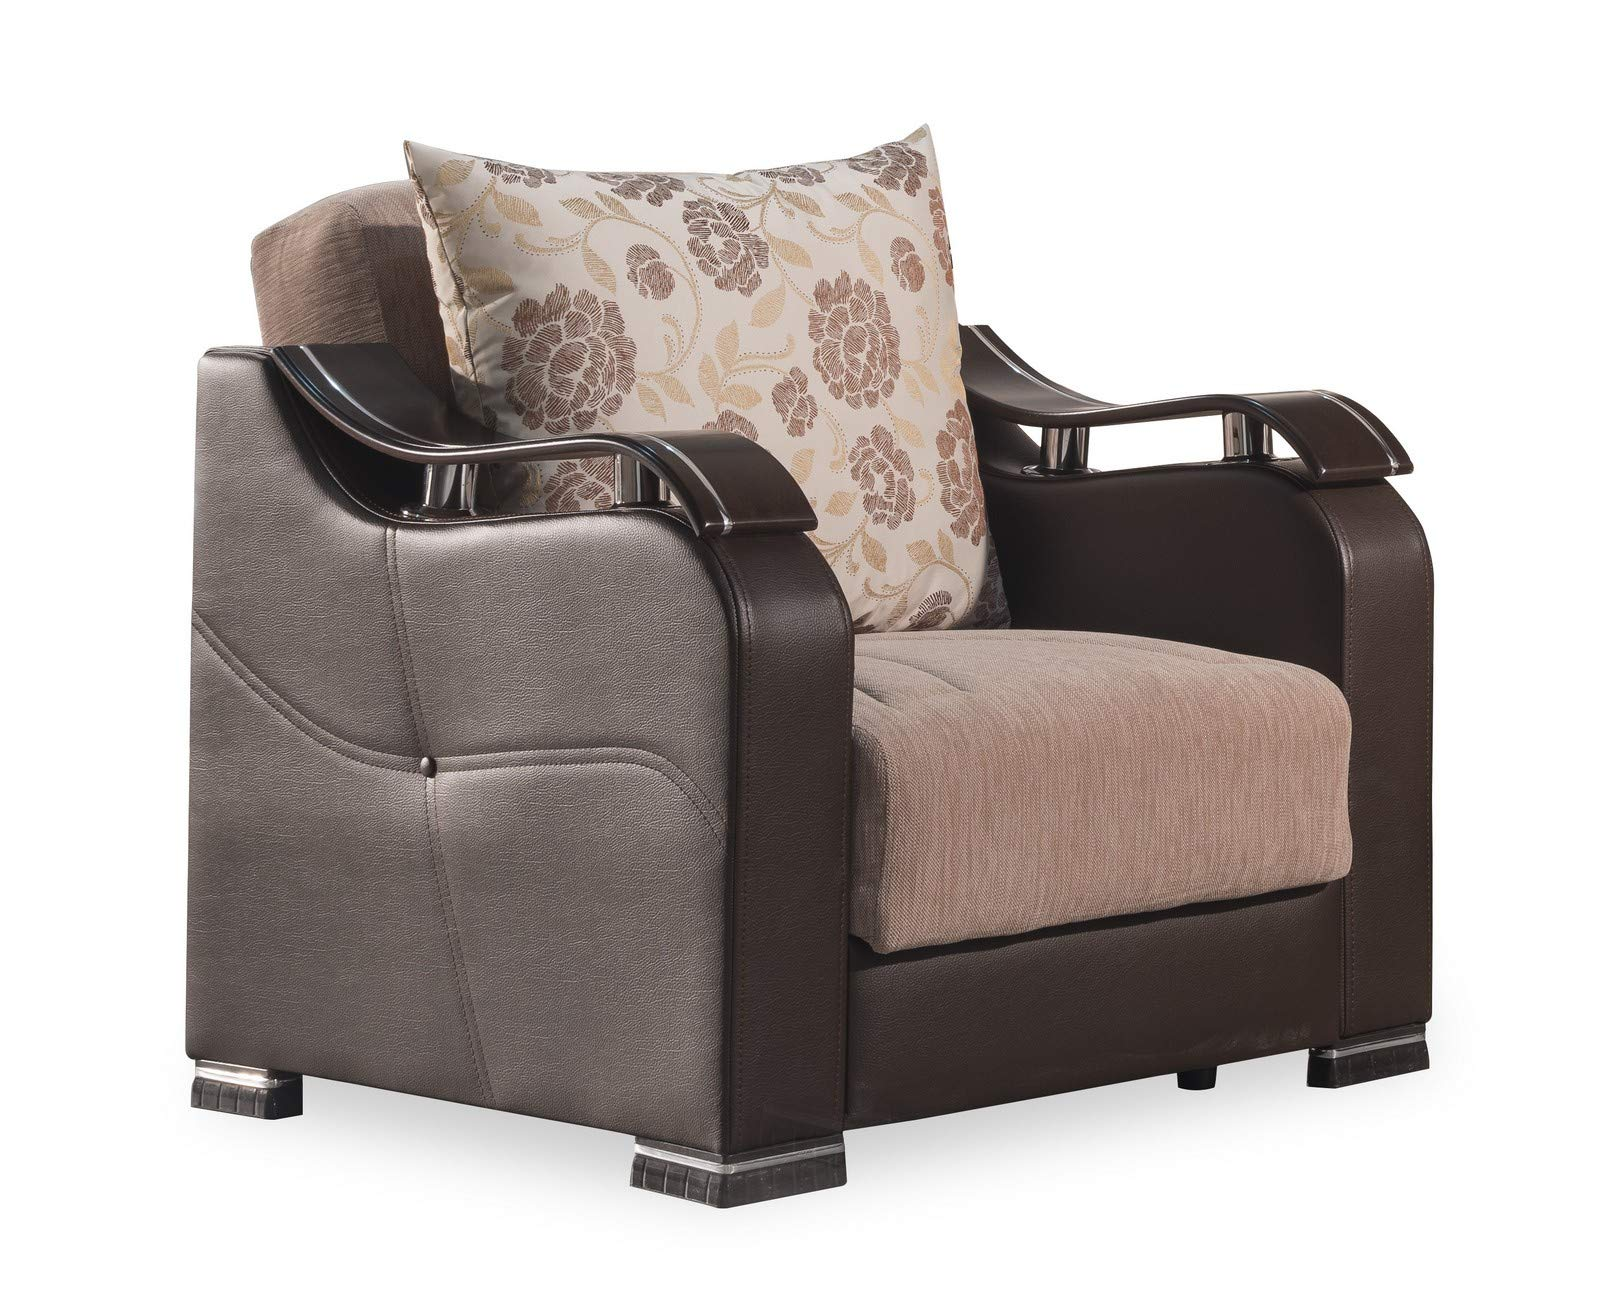 Casamode Horizon Arm Chair Beige Chenille